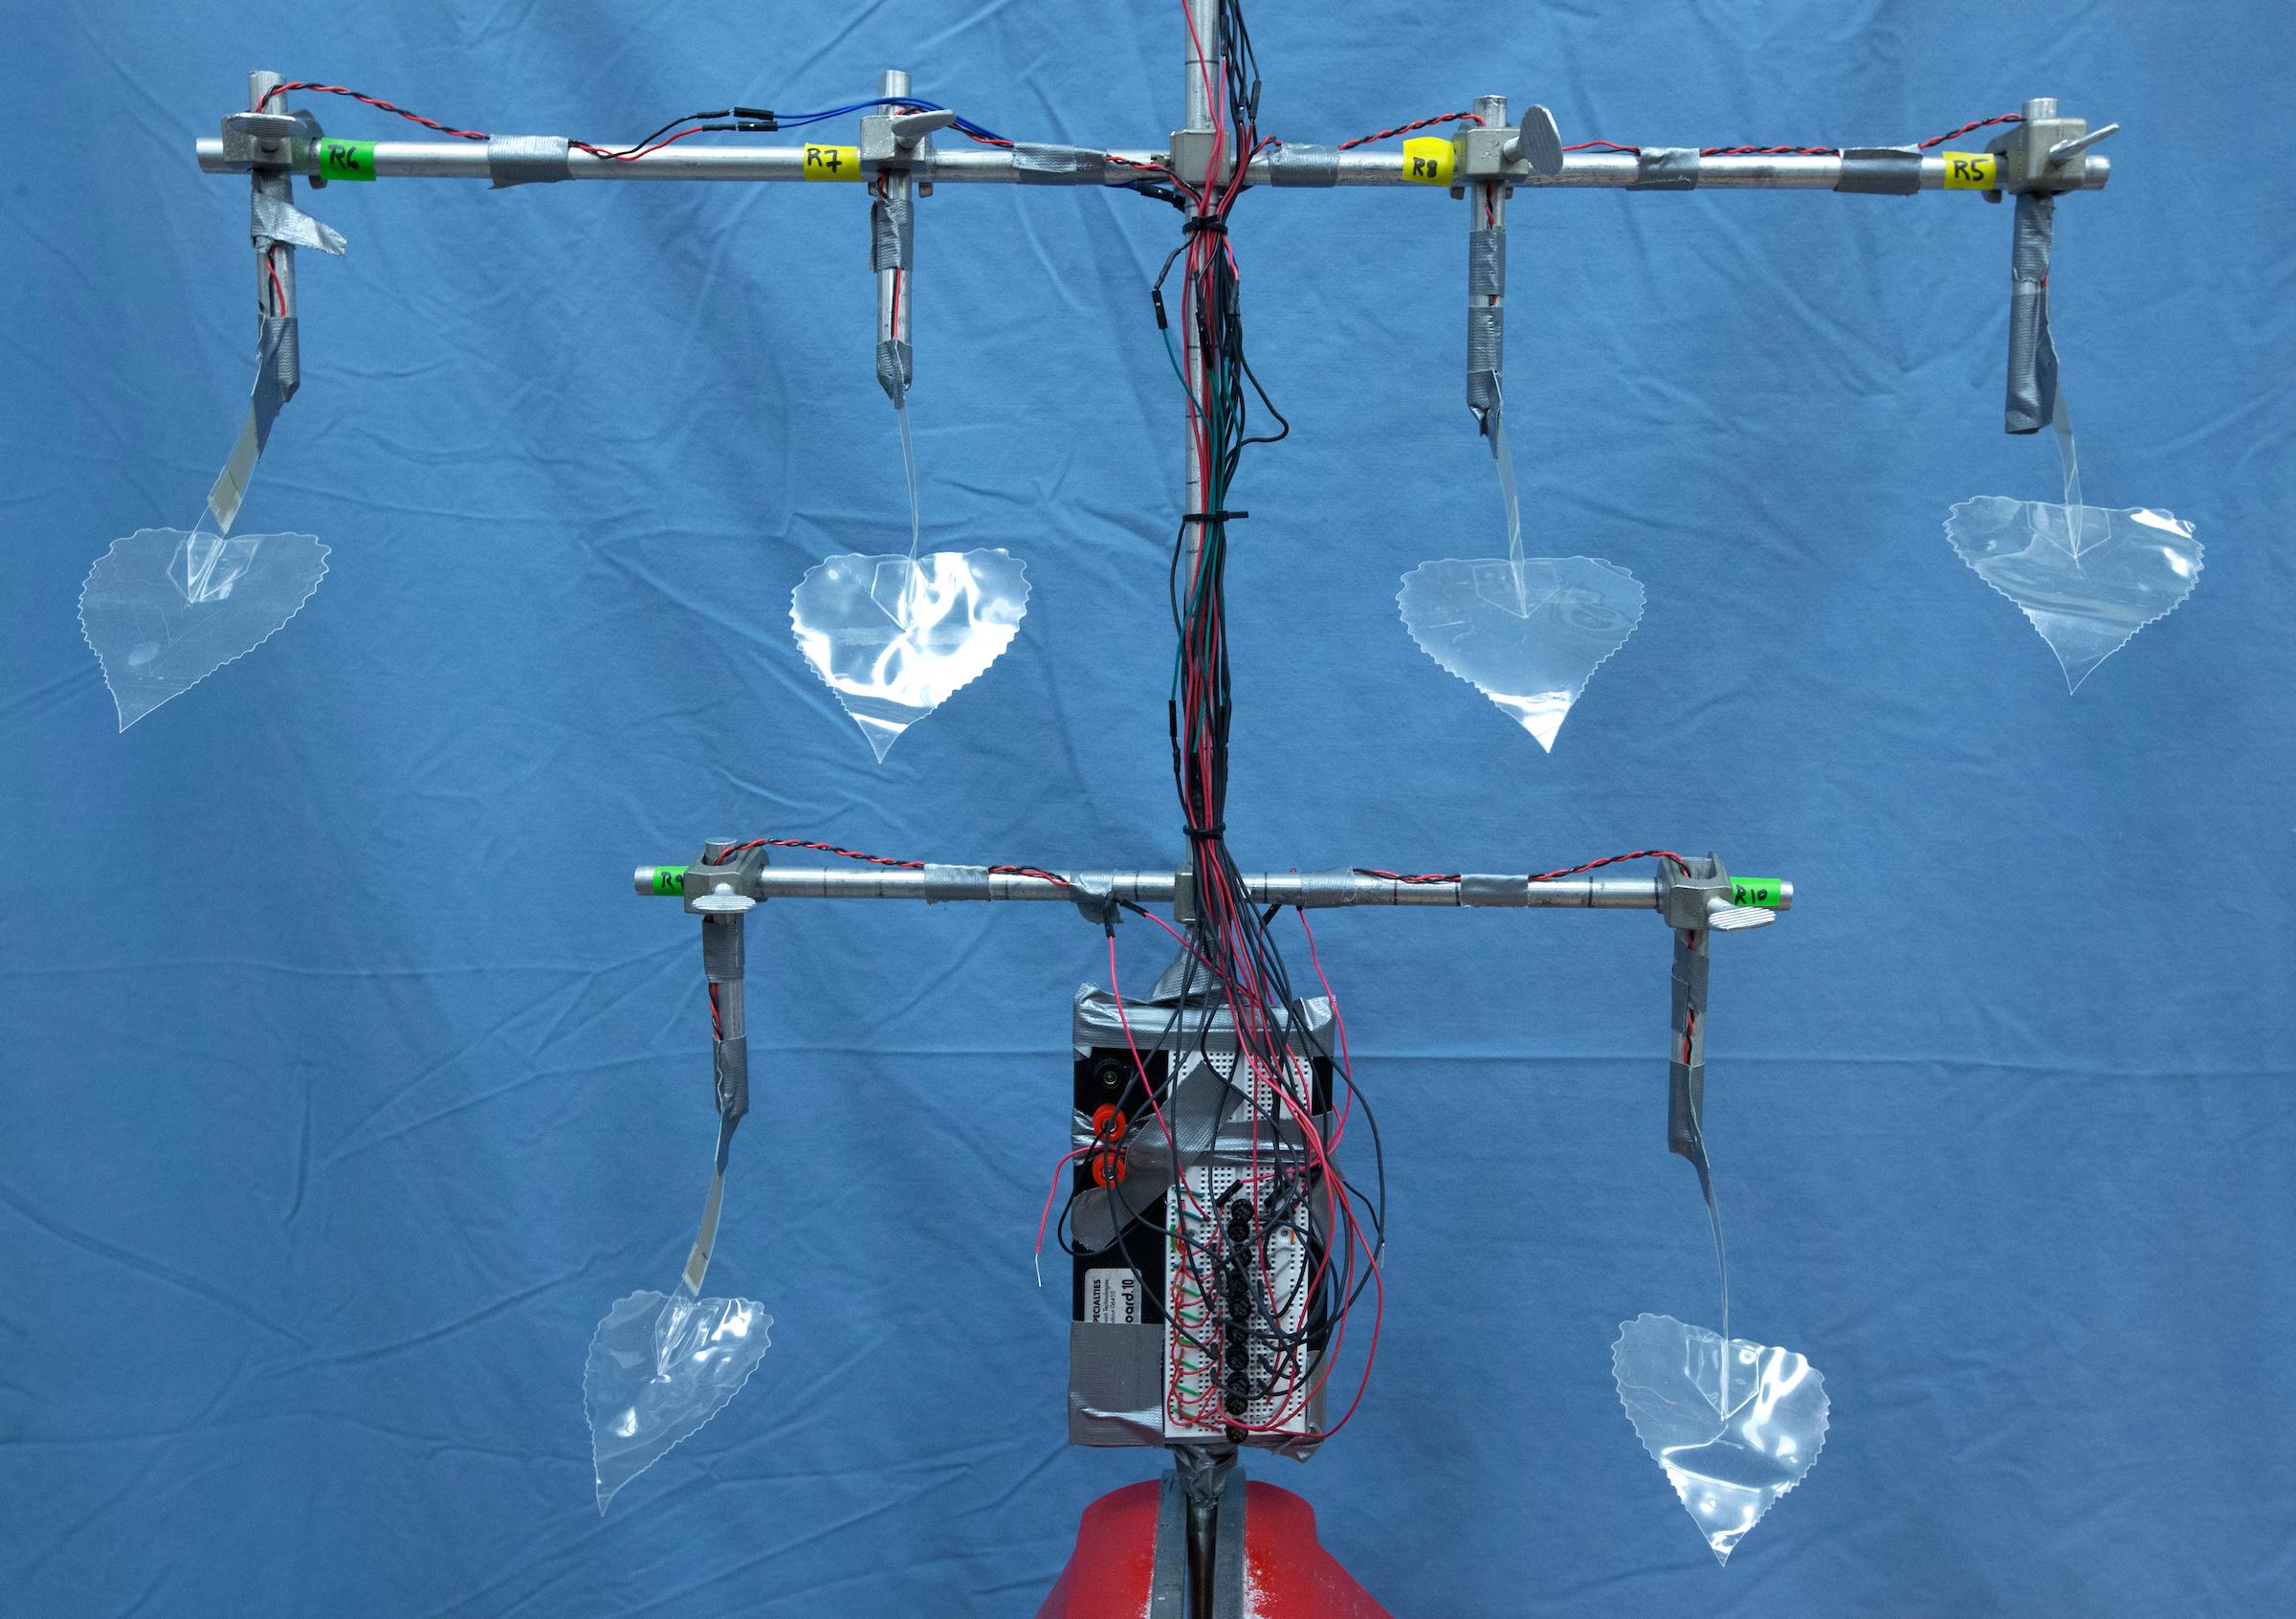 Las hojas del árbol biomimético, modeladas como las hojas del álamo, producen electricidad gracias al efecto piezoelétrico. Imagen: Christopher Gannon. Fuente: Universidad Estatal de Iowa (EEUU).